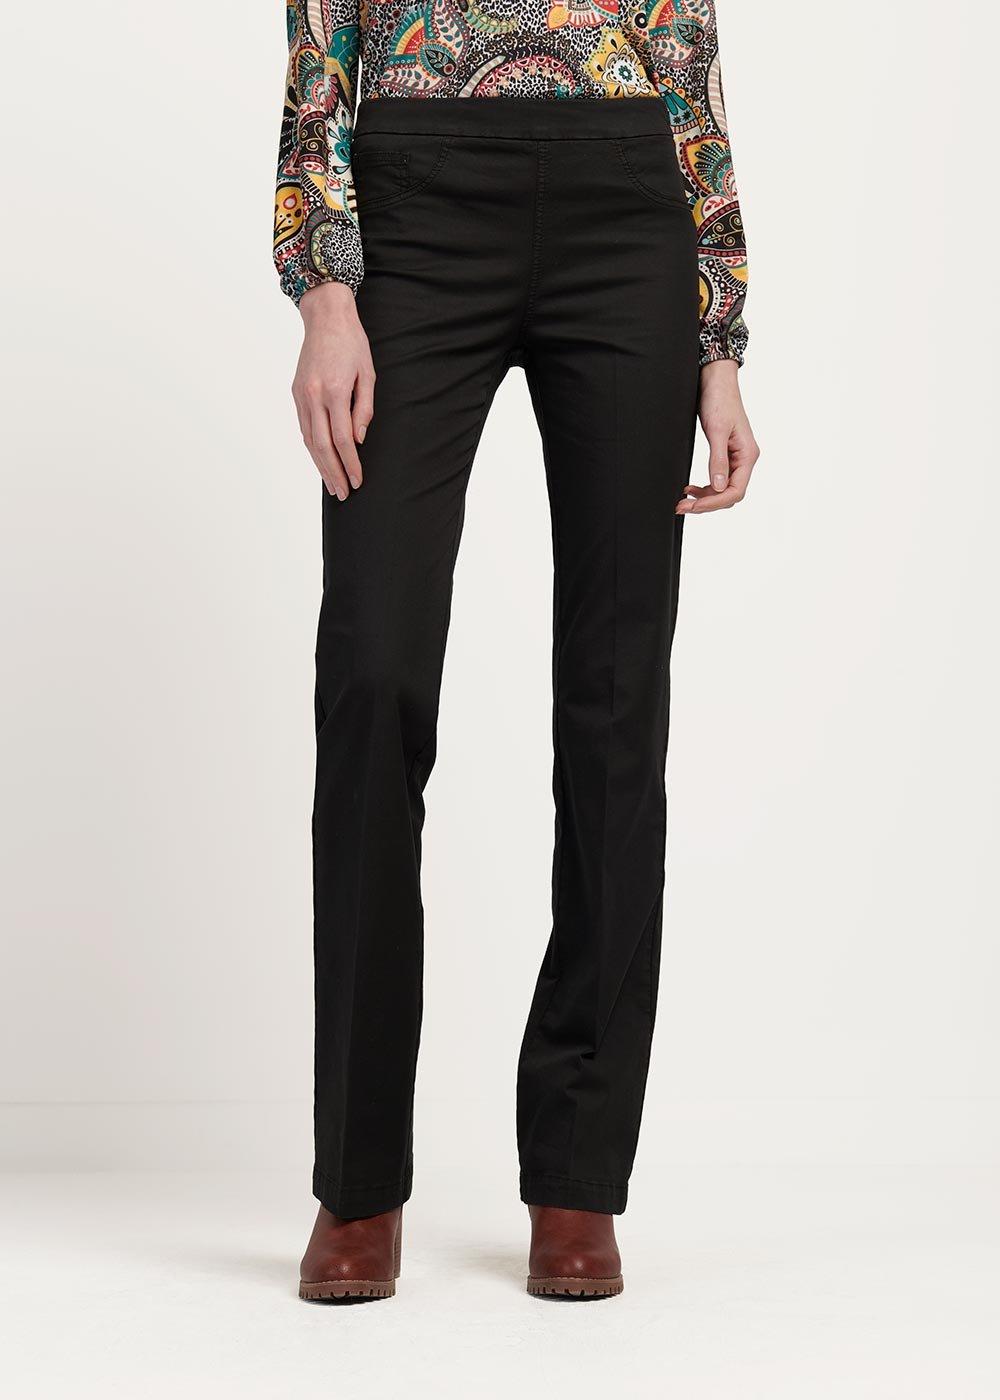 Pantalone modello Victoria colore nero - Black - Donna